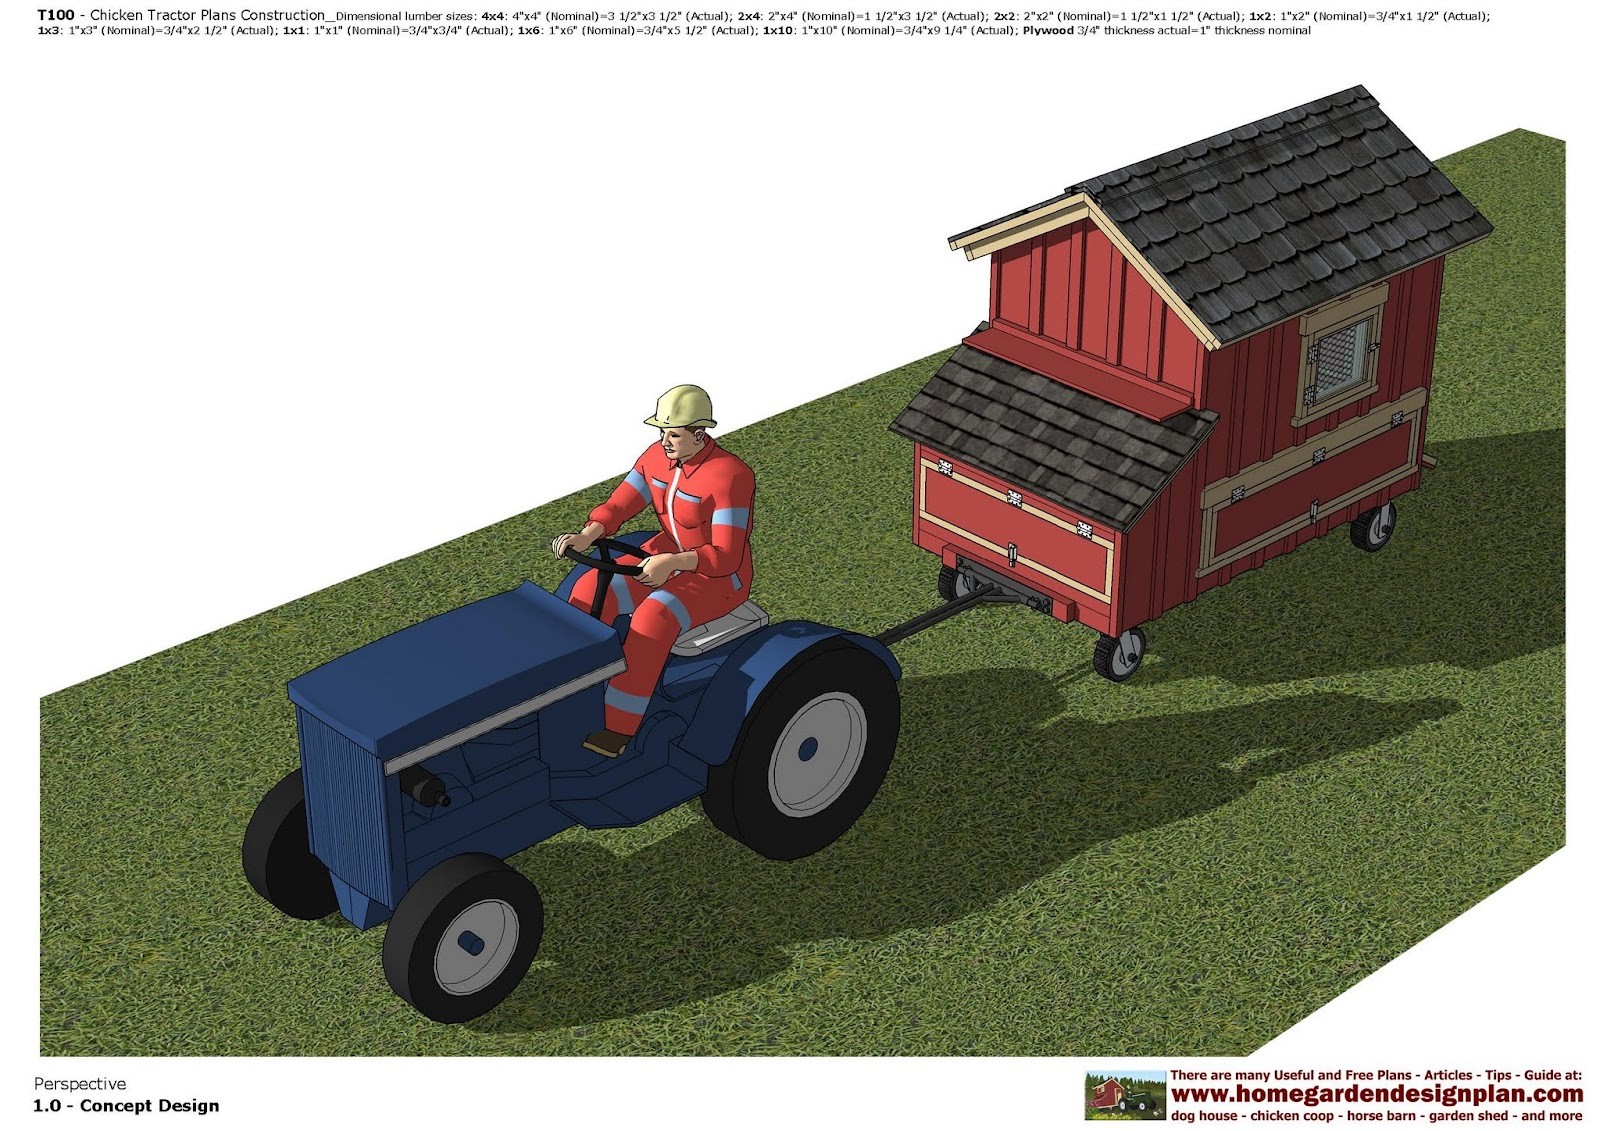 Home garden plans t100 chicken tractor plans chicken for Garden design trailer